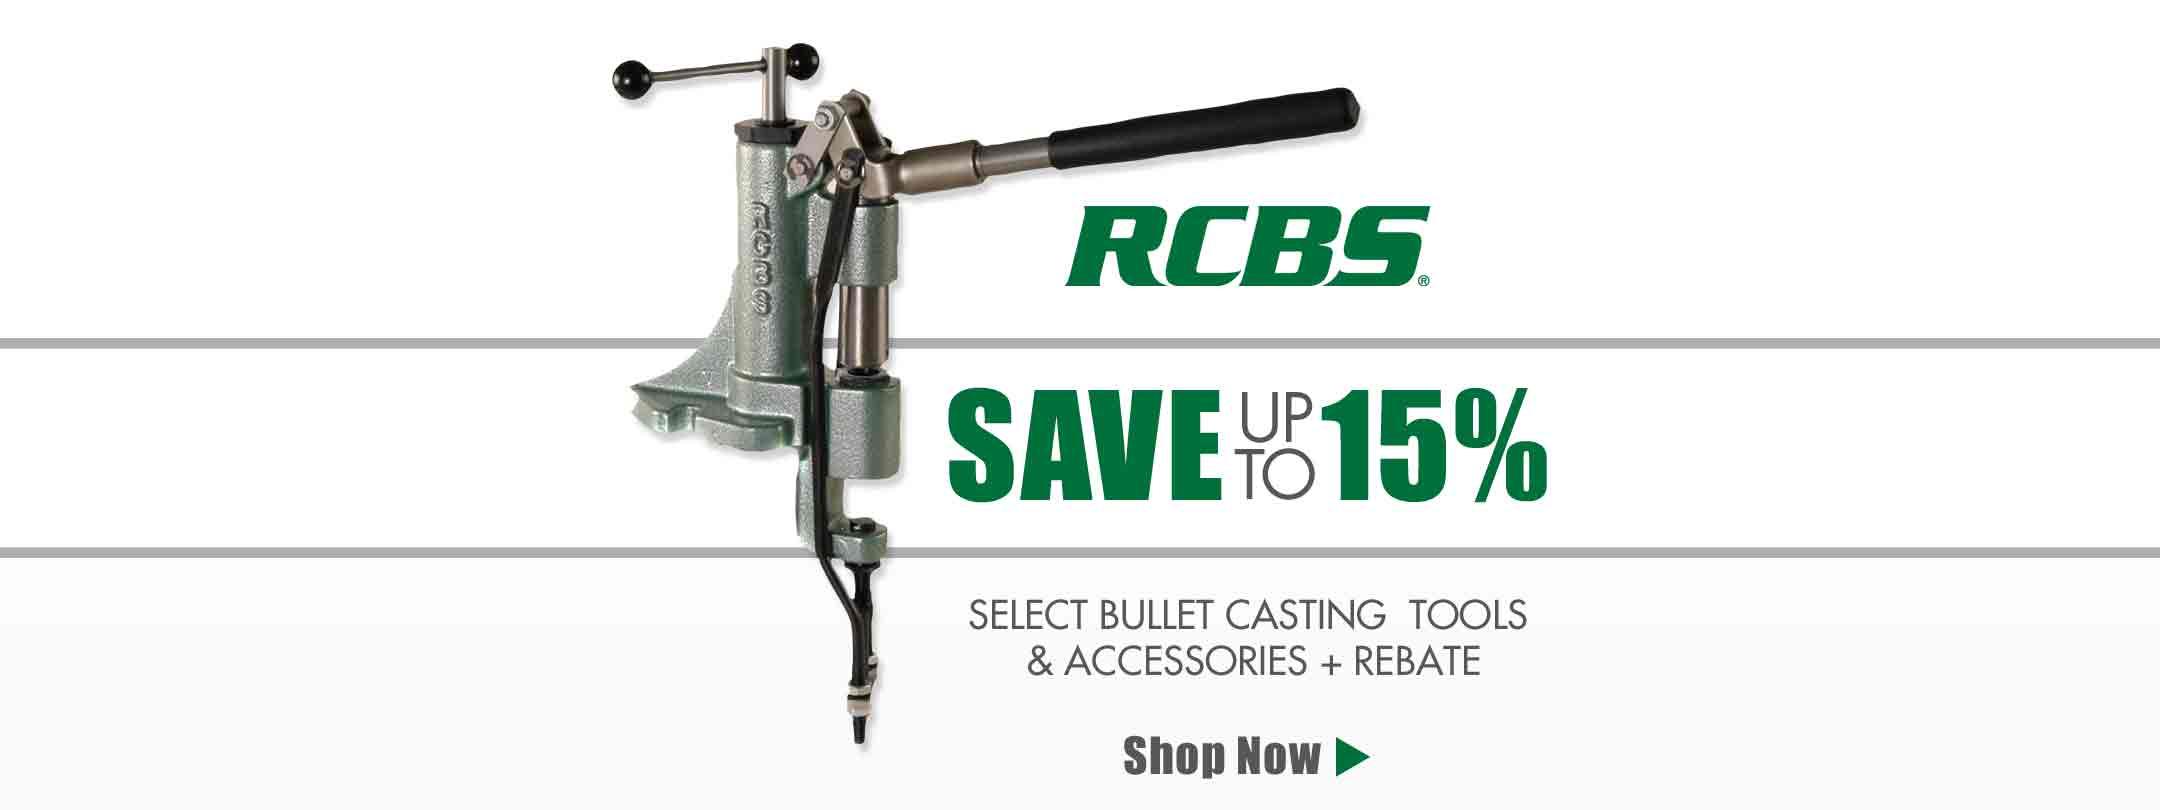 RCBS Bullet Casting Tools & Accessories